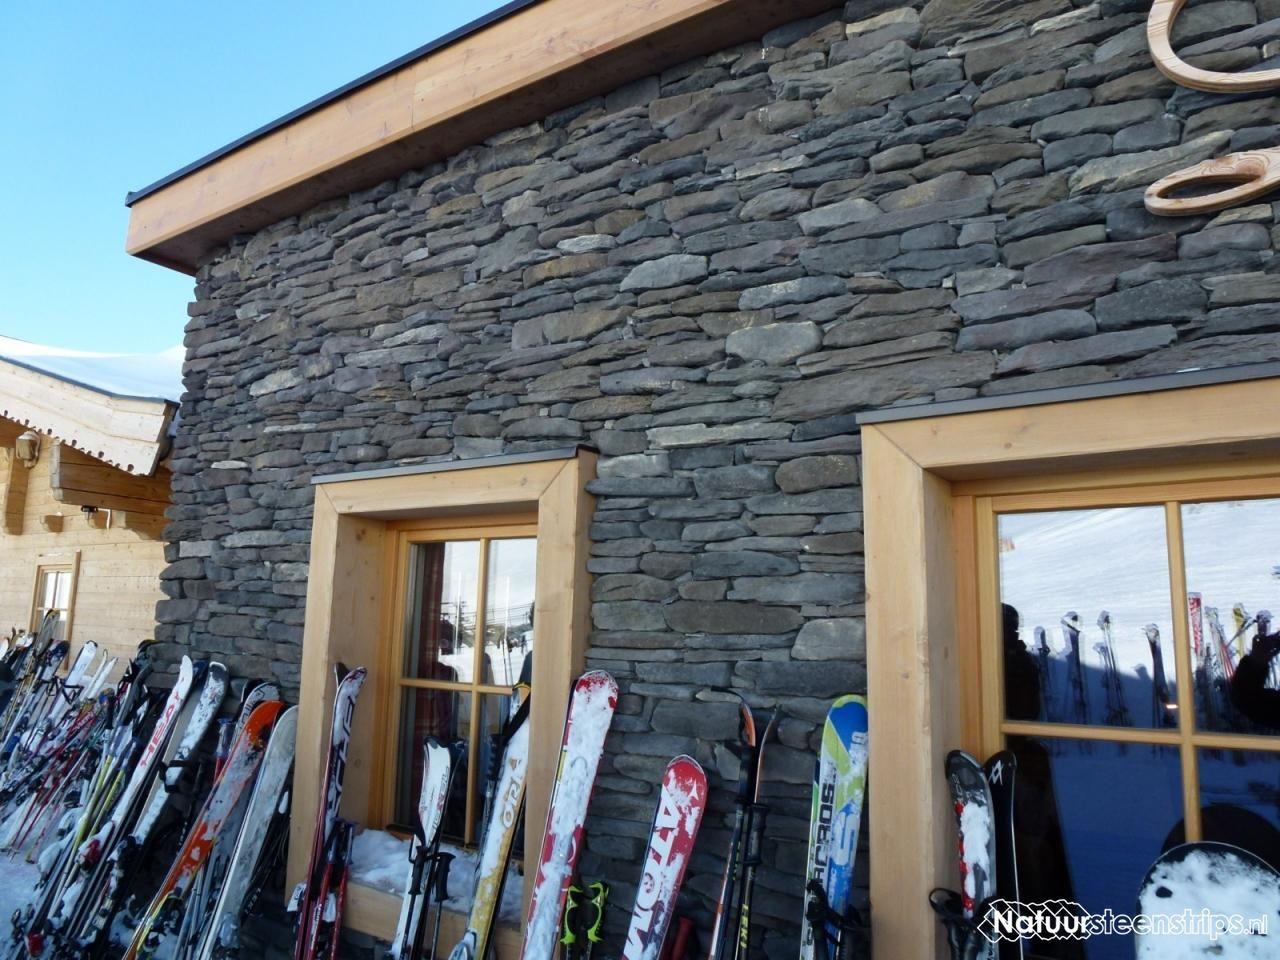 Geopietra Steenstrips toegepast op een Oostenrijkse skihut. Een ...